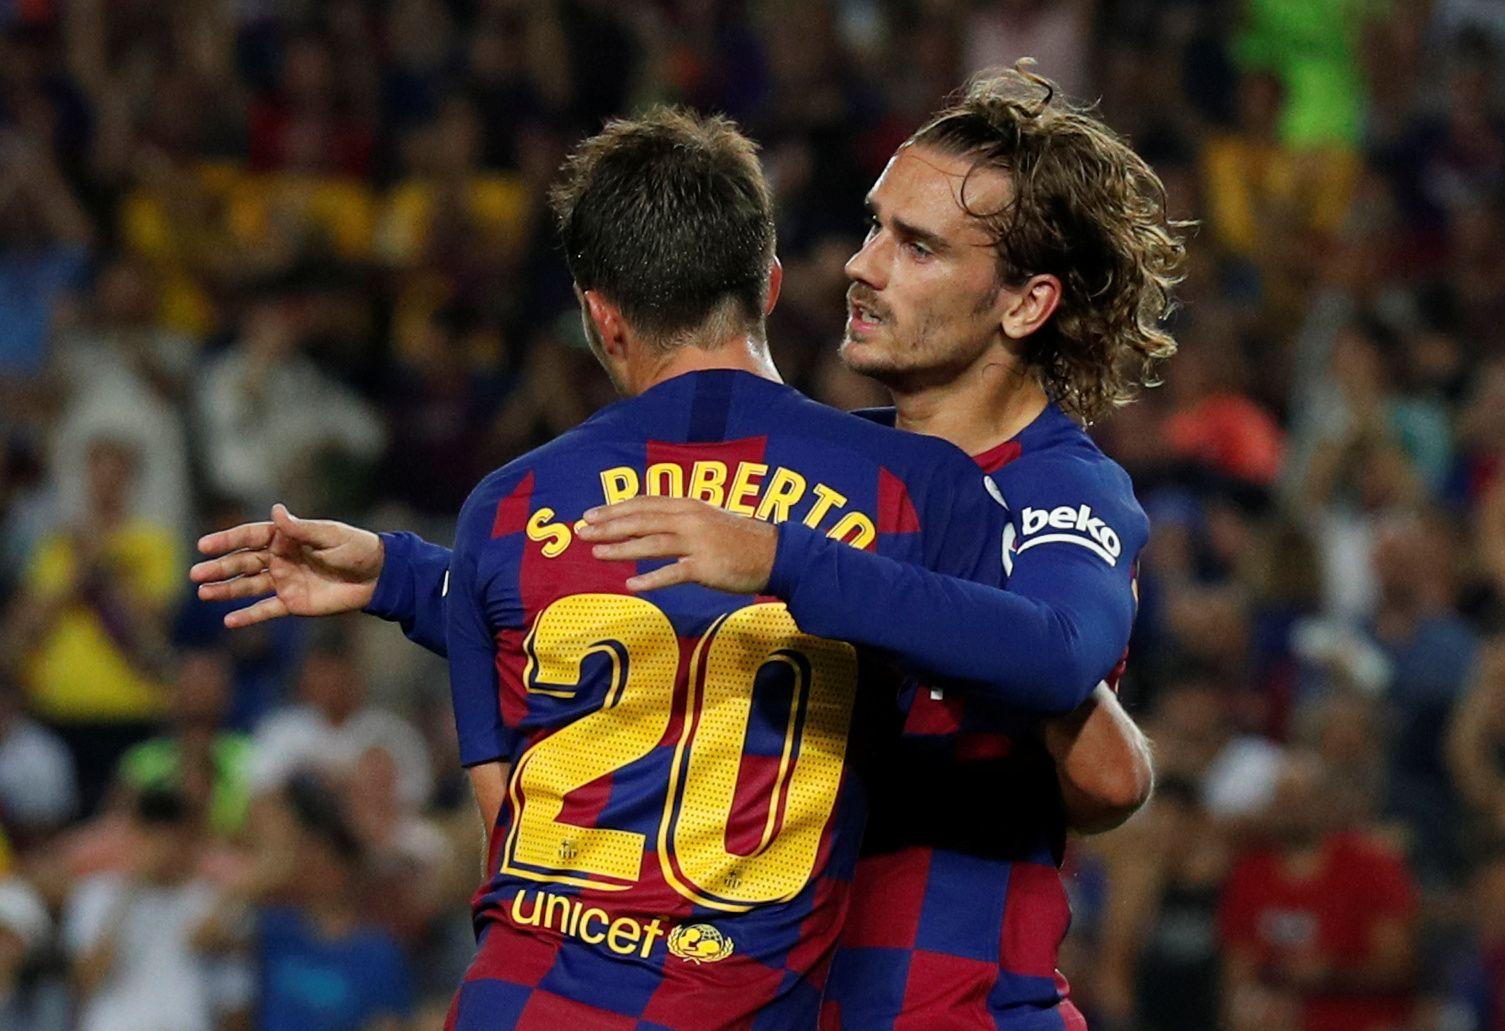 2. kolo španělské La Ligy 2019/20, FC Barcelona - Betis Sevilla: Antoine Griezmann a Sergi Roberto slaví gól v síti Betisu.